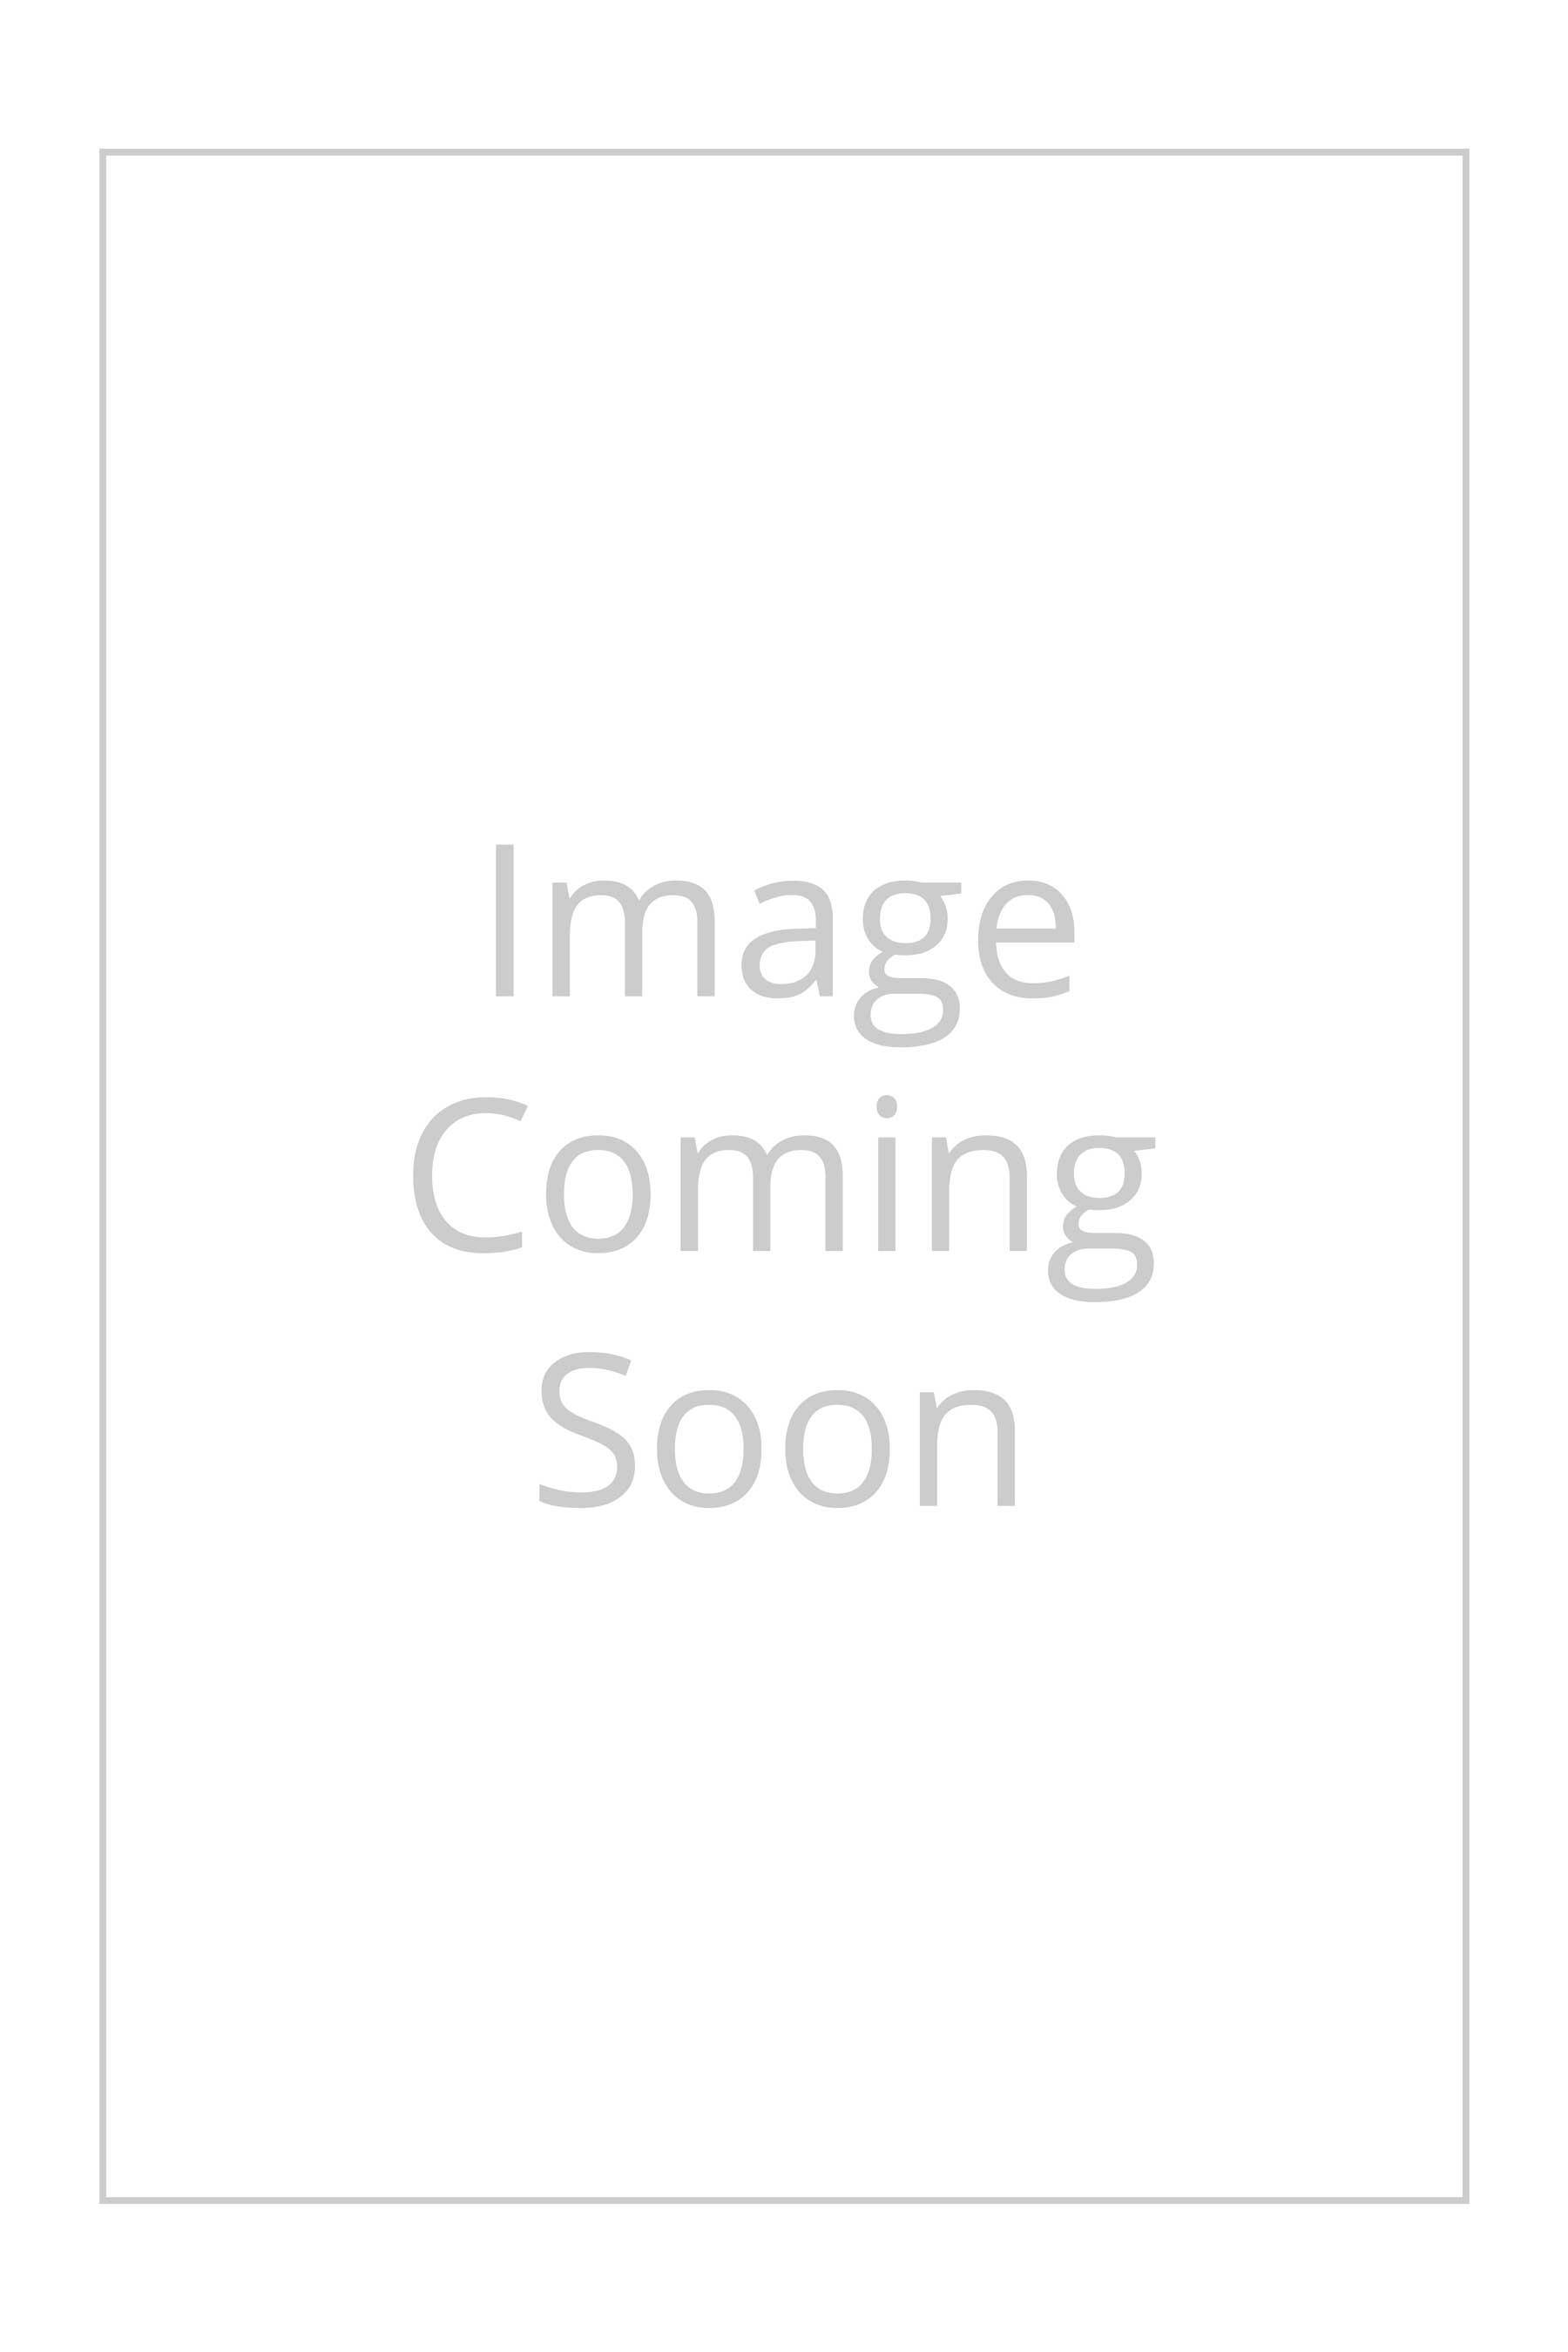 Harley Baldwin Black Lizard Skin Belt with Sterling Silver Buckle